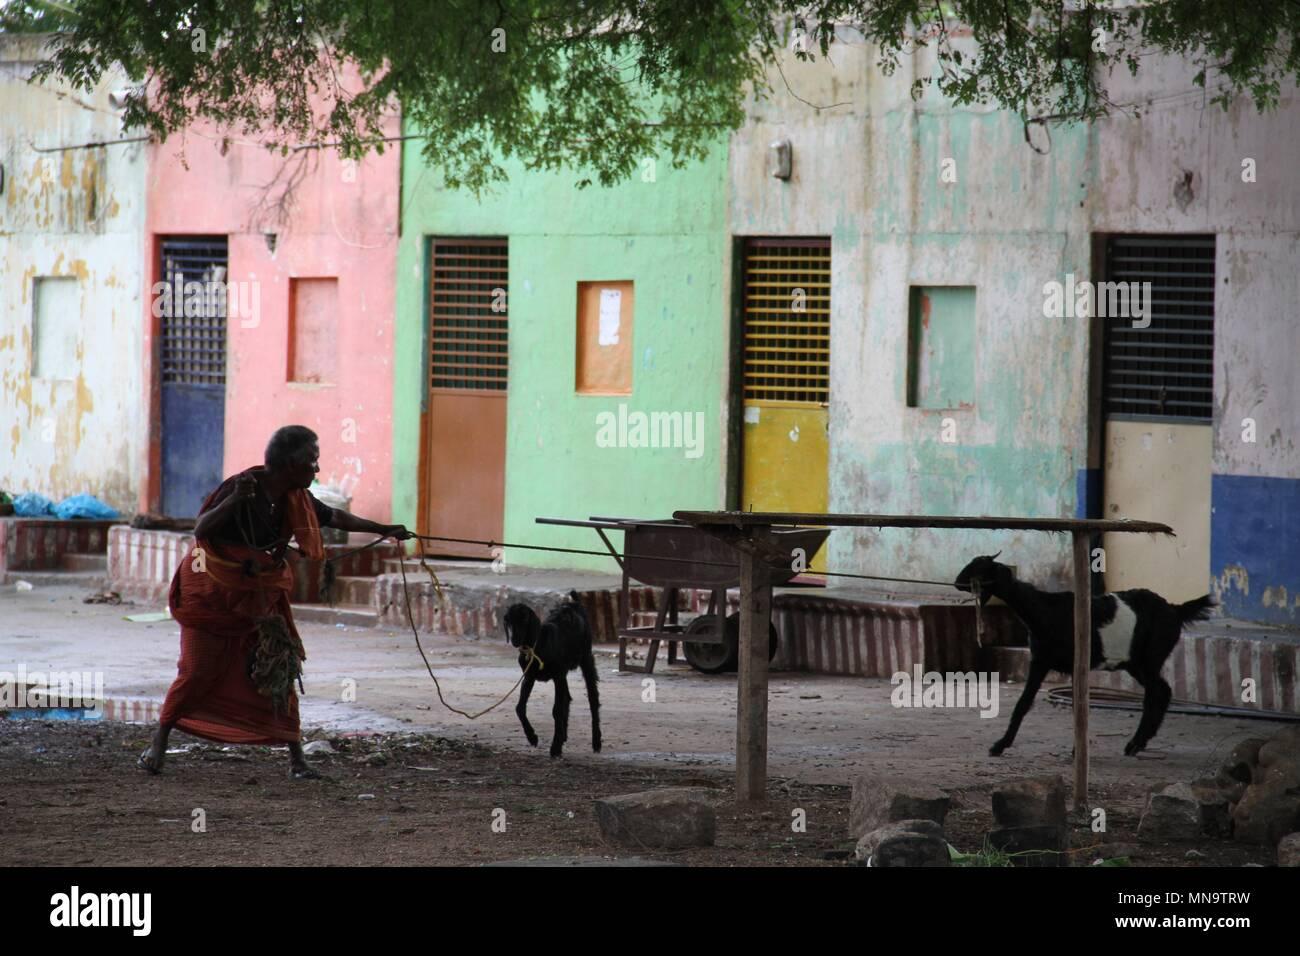 Indian Grandma Stock Photos & Indian Grandma Stock Images - Alamy